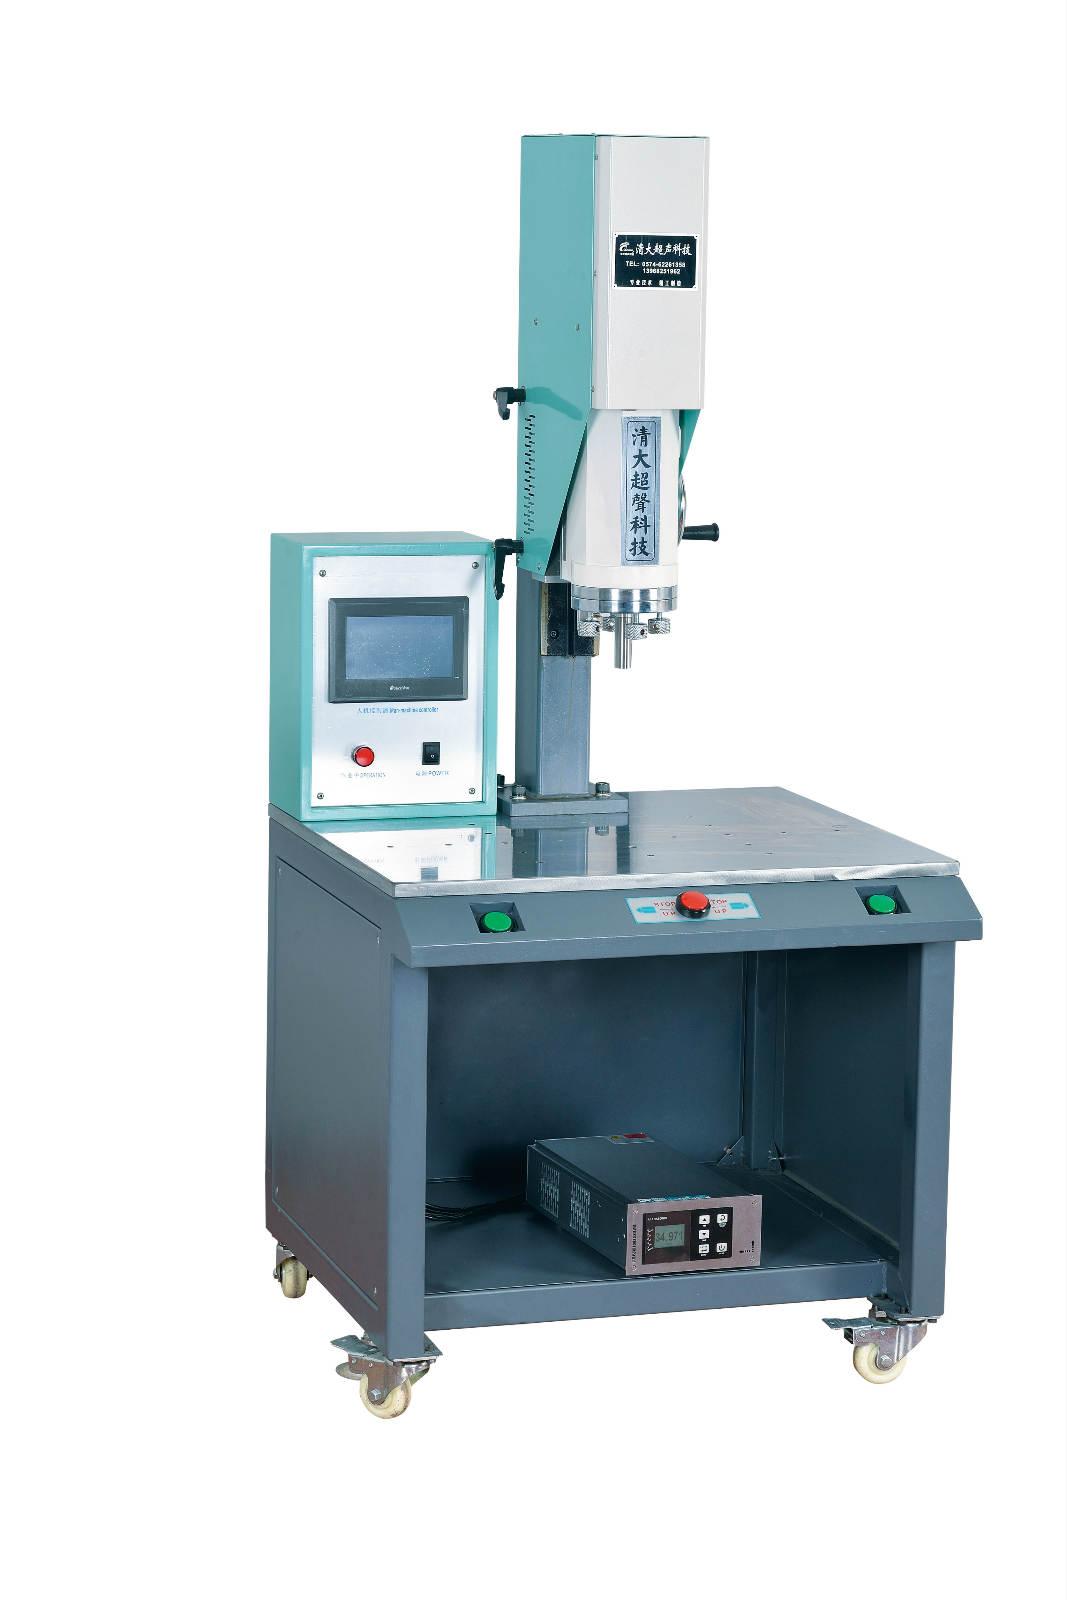 浙江超声波模具 超声波电源发生器 超声波塑料手焊机价格